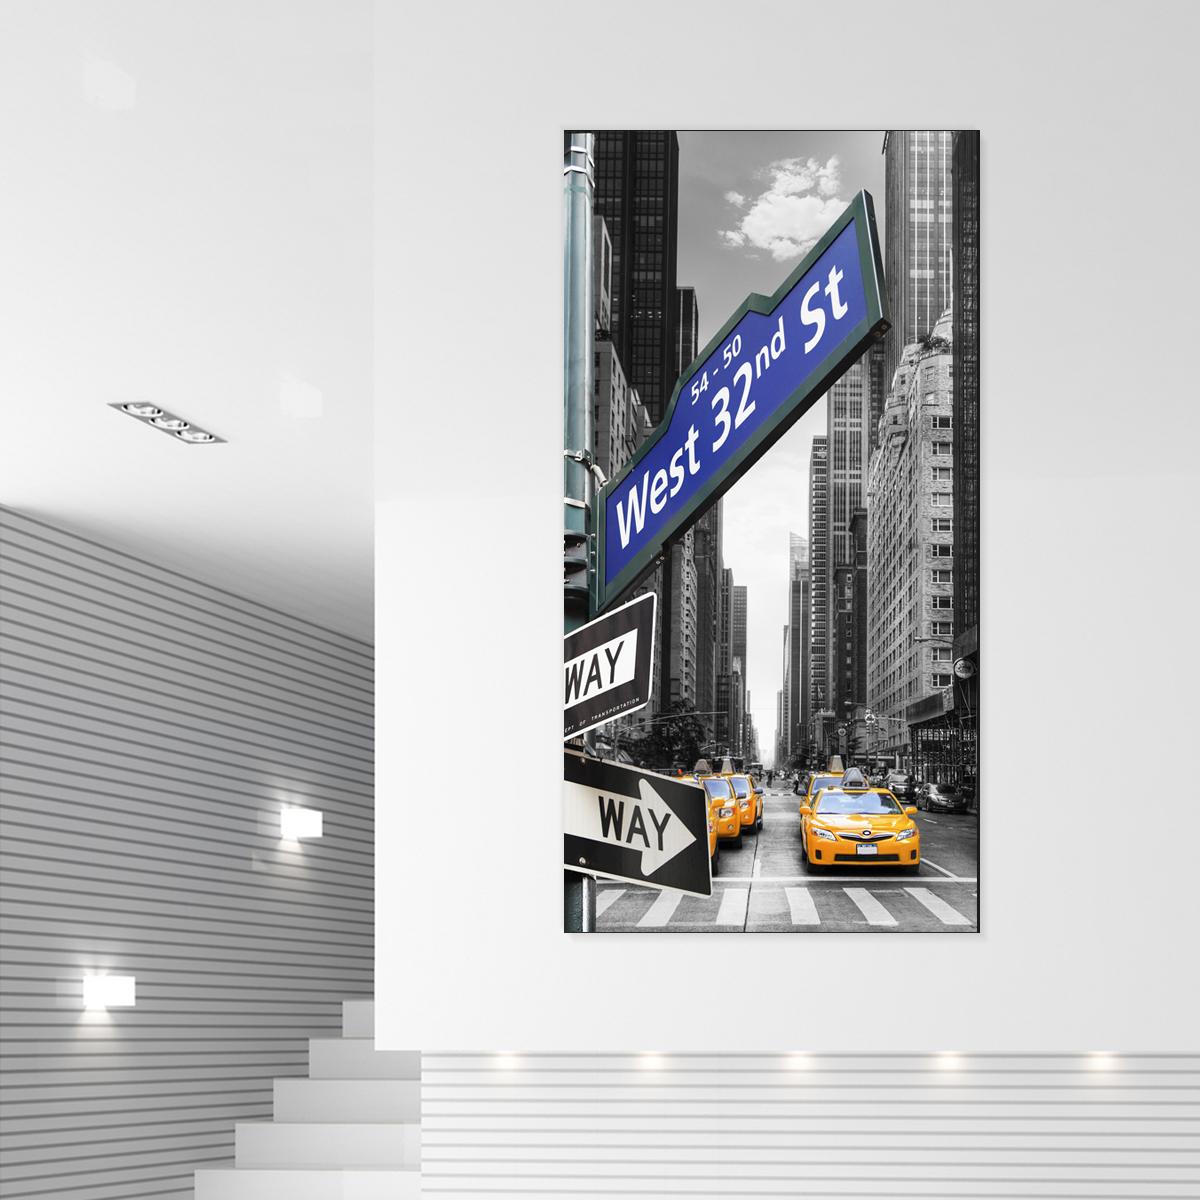 papier peint magn tique sticker papier peint magn tique new york taxi ambiance. Black Bedroom Furniture Sets. Home Design Ideas